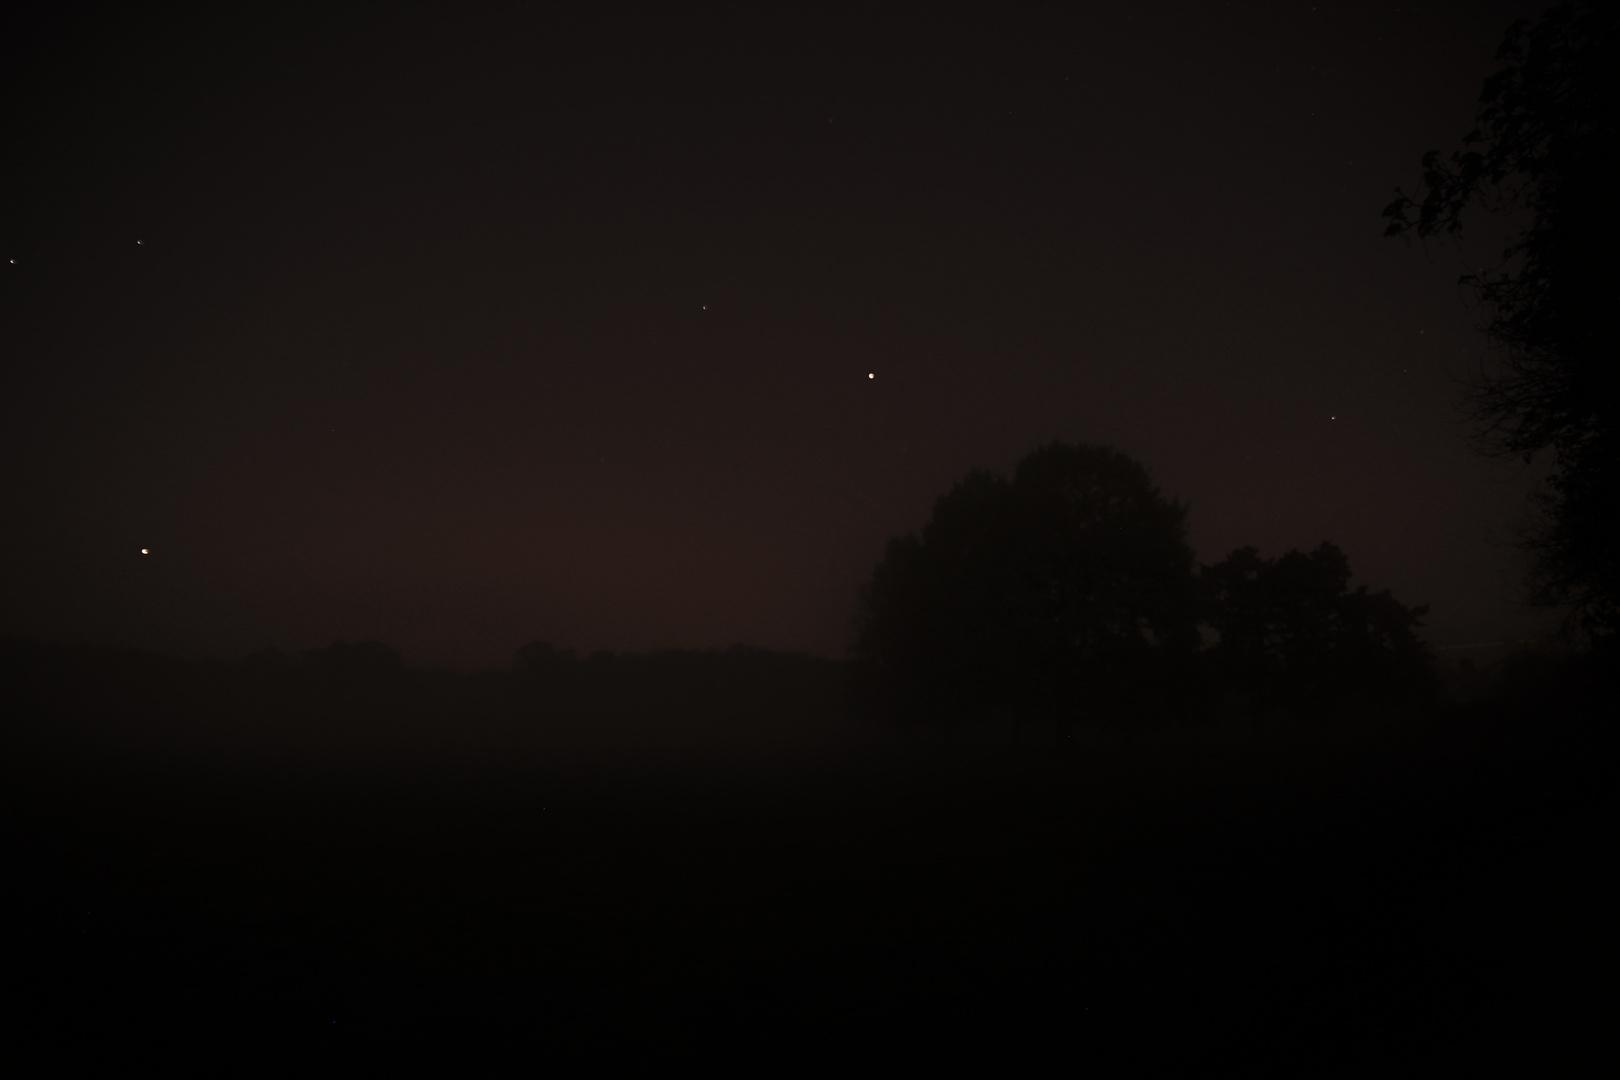 Nachts im Nebel